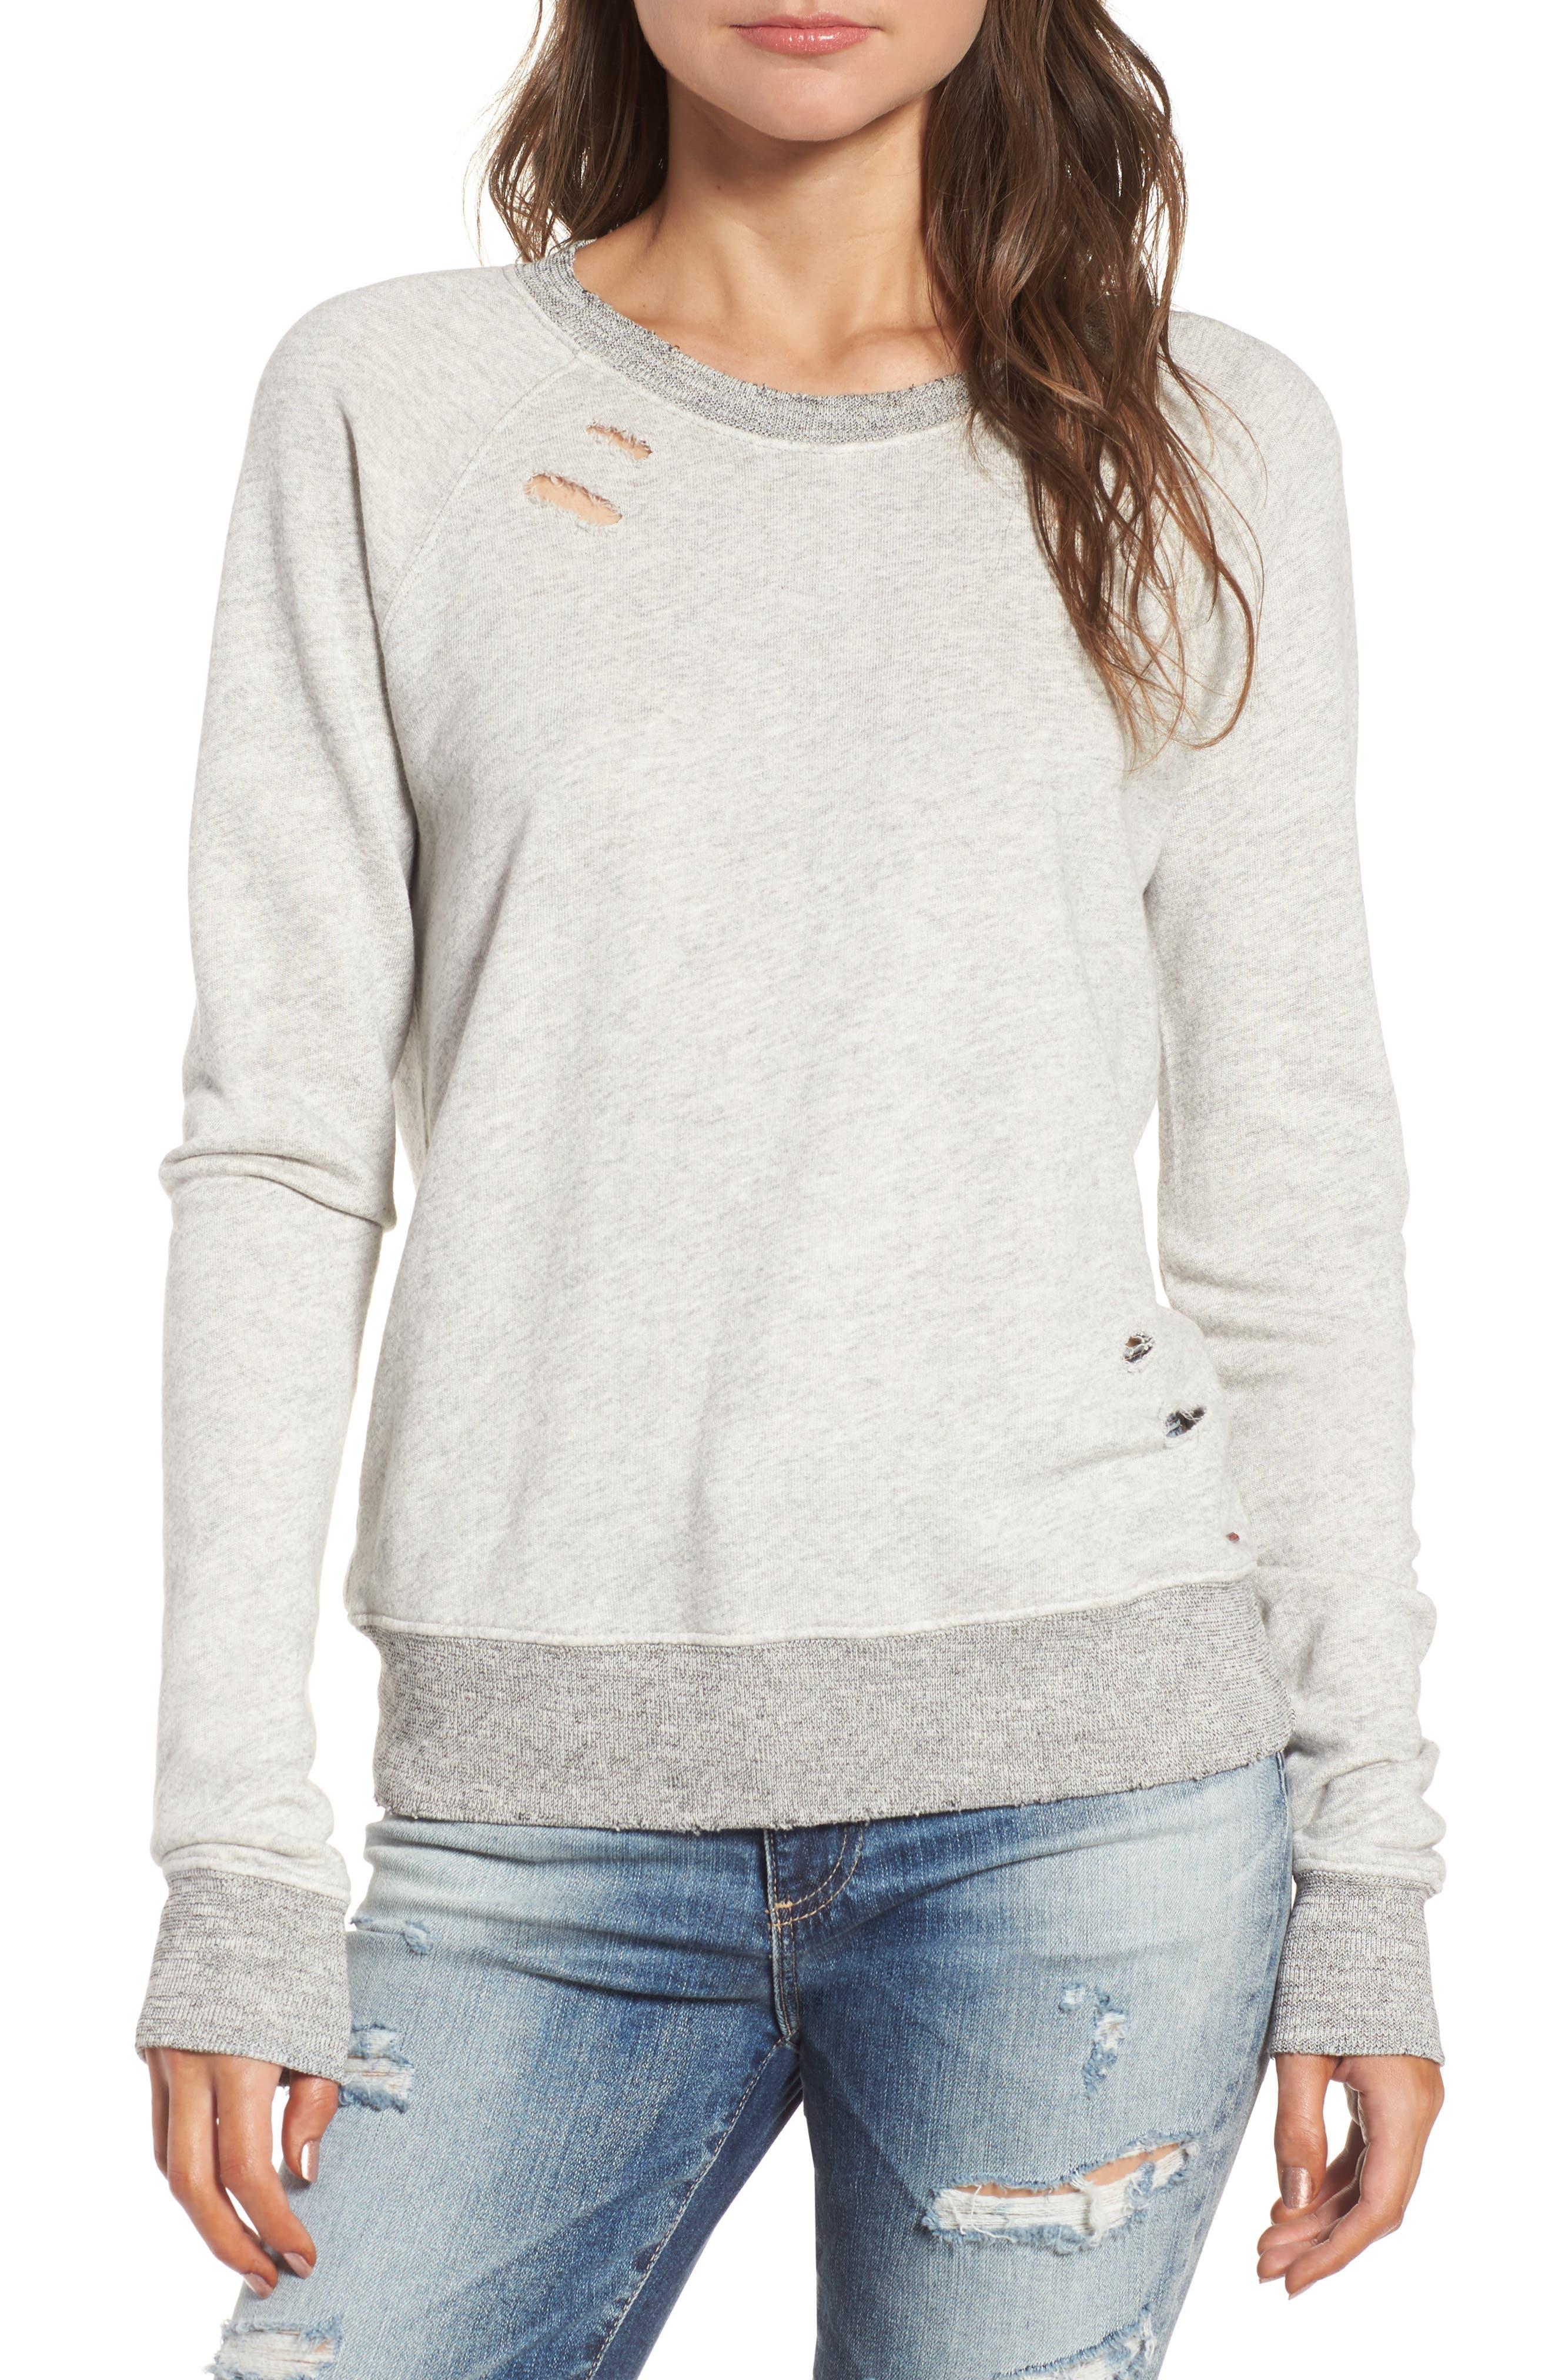 Belize Deconstructed Sweatshirt,                         Main,                         color, Heather Grey